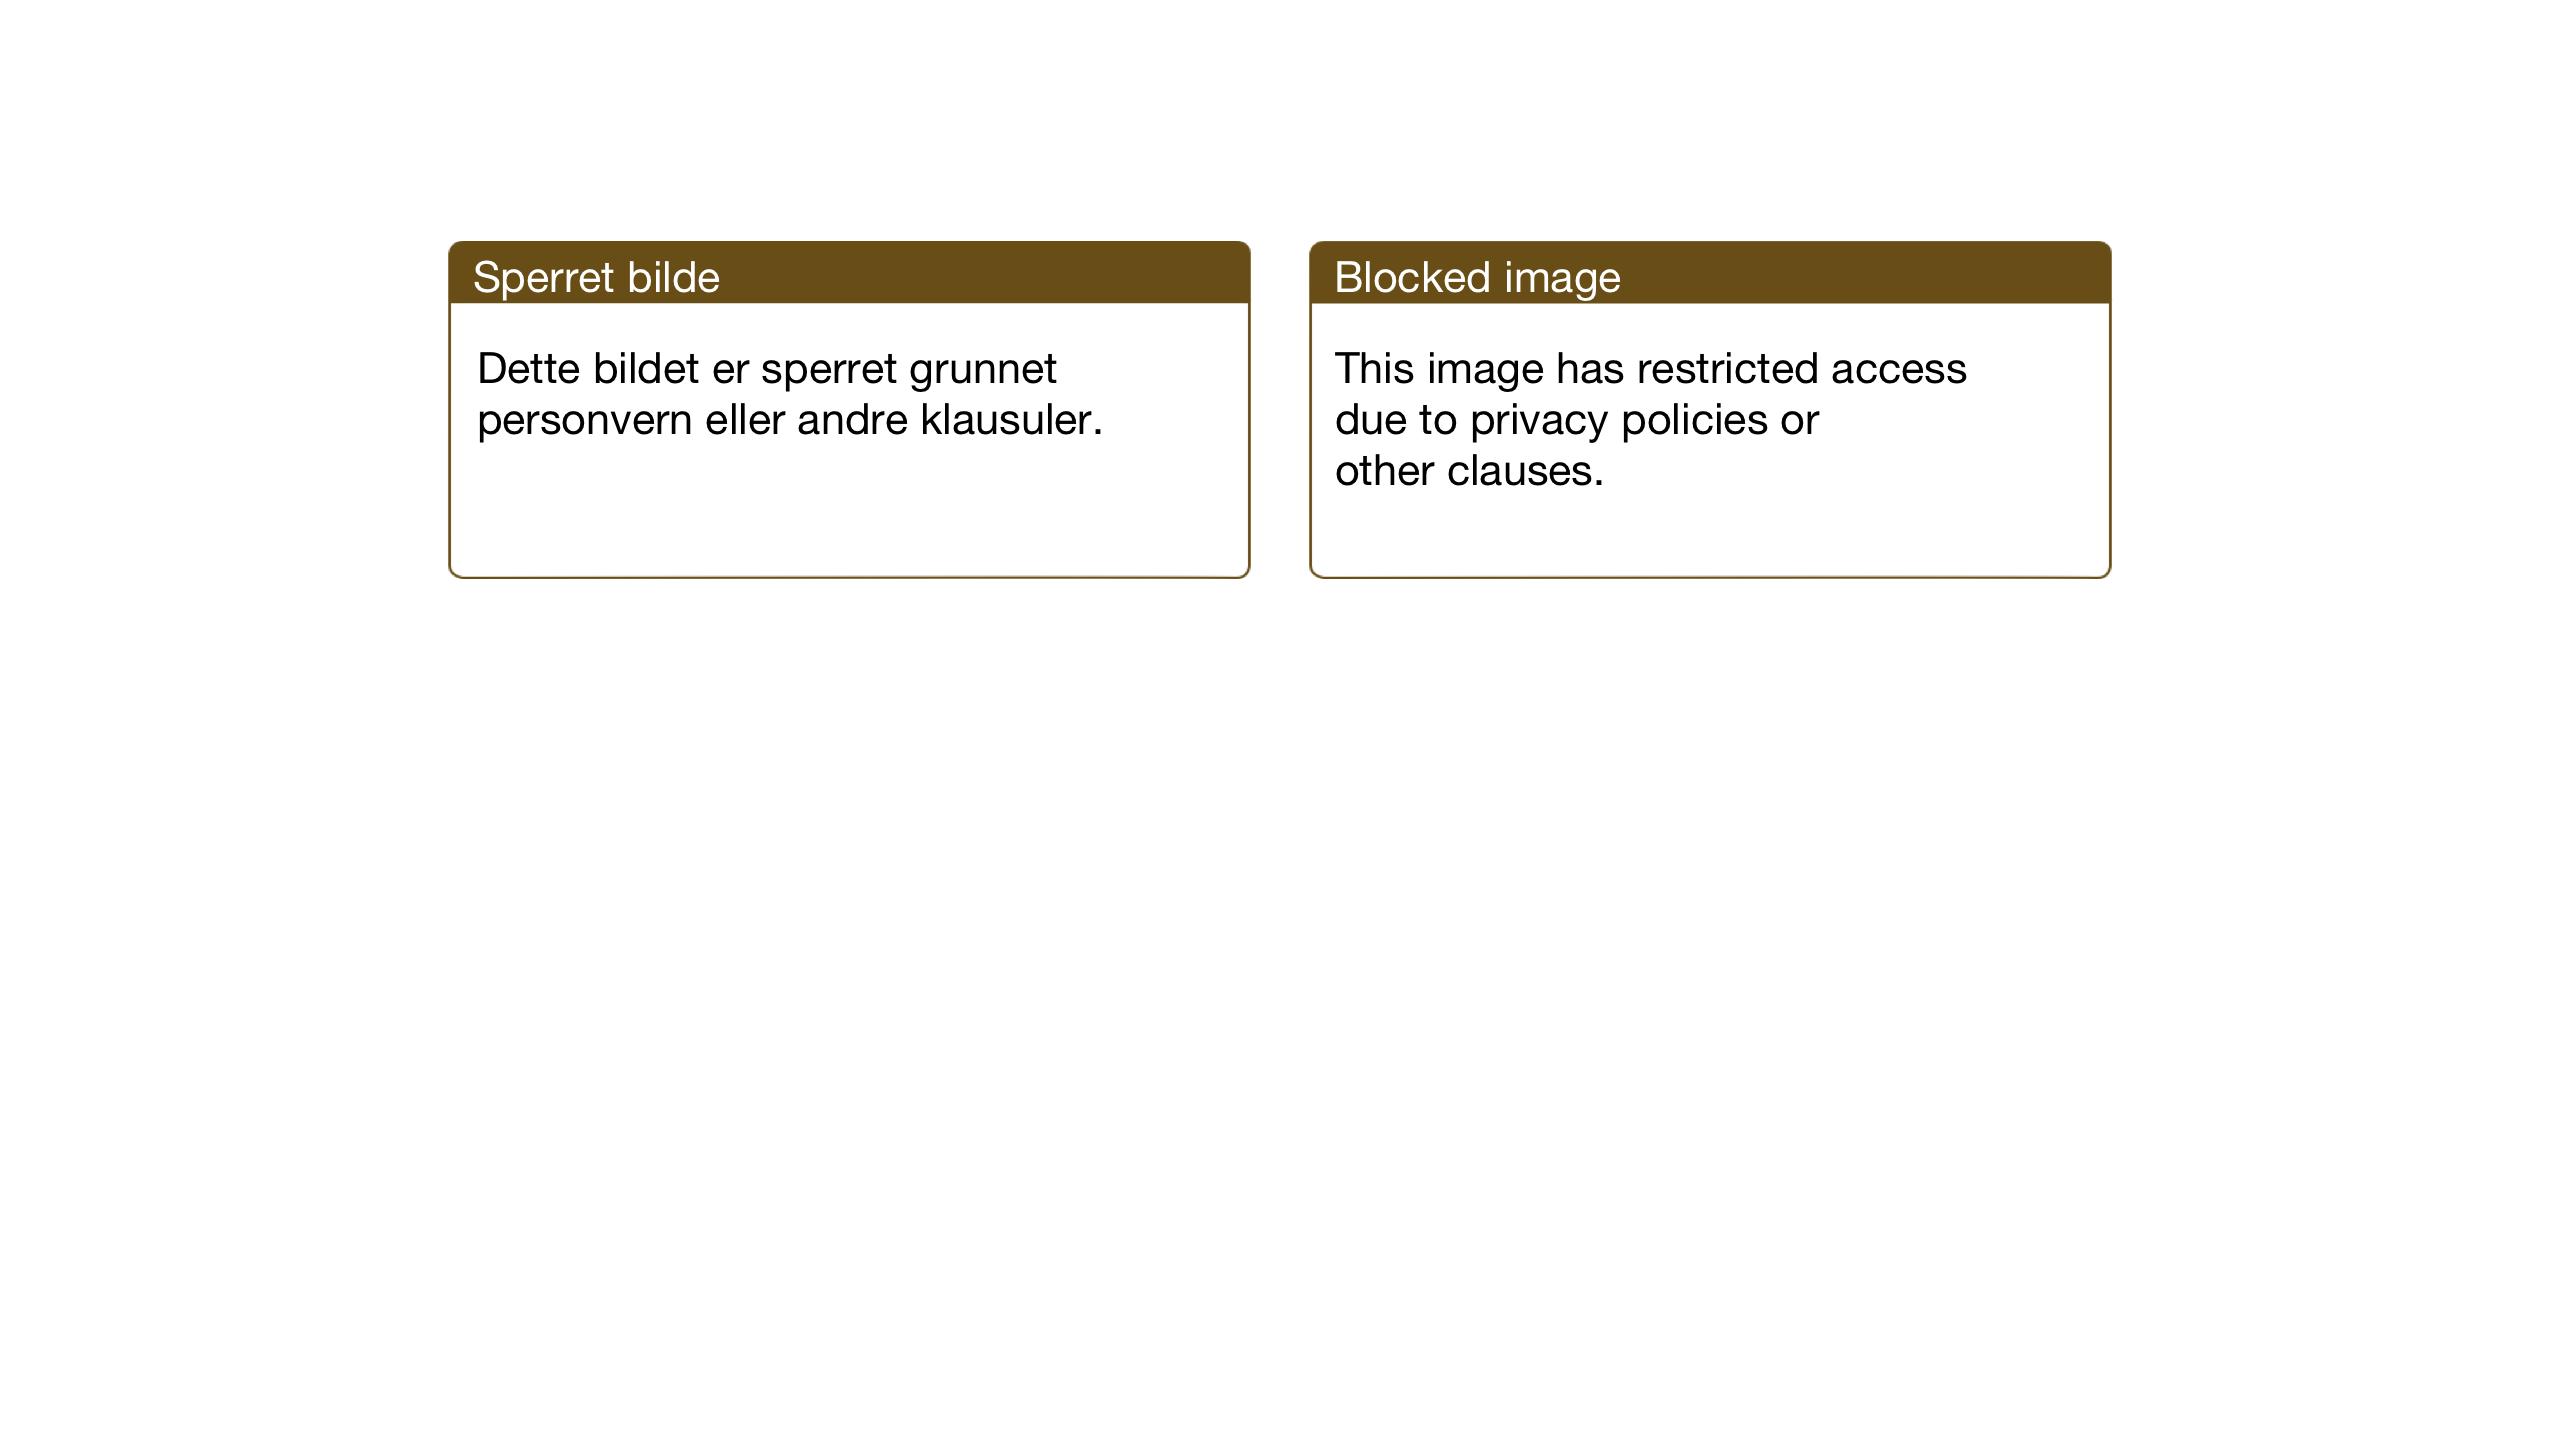 SAT, Ministerialprotokoller, klokkerbøker og fødselsregistre - Sør-Trøndelag, 621/L0462: Klokkerbok nr. 621C05, 1915-1945, s. 45